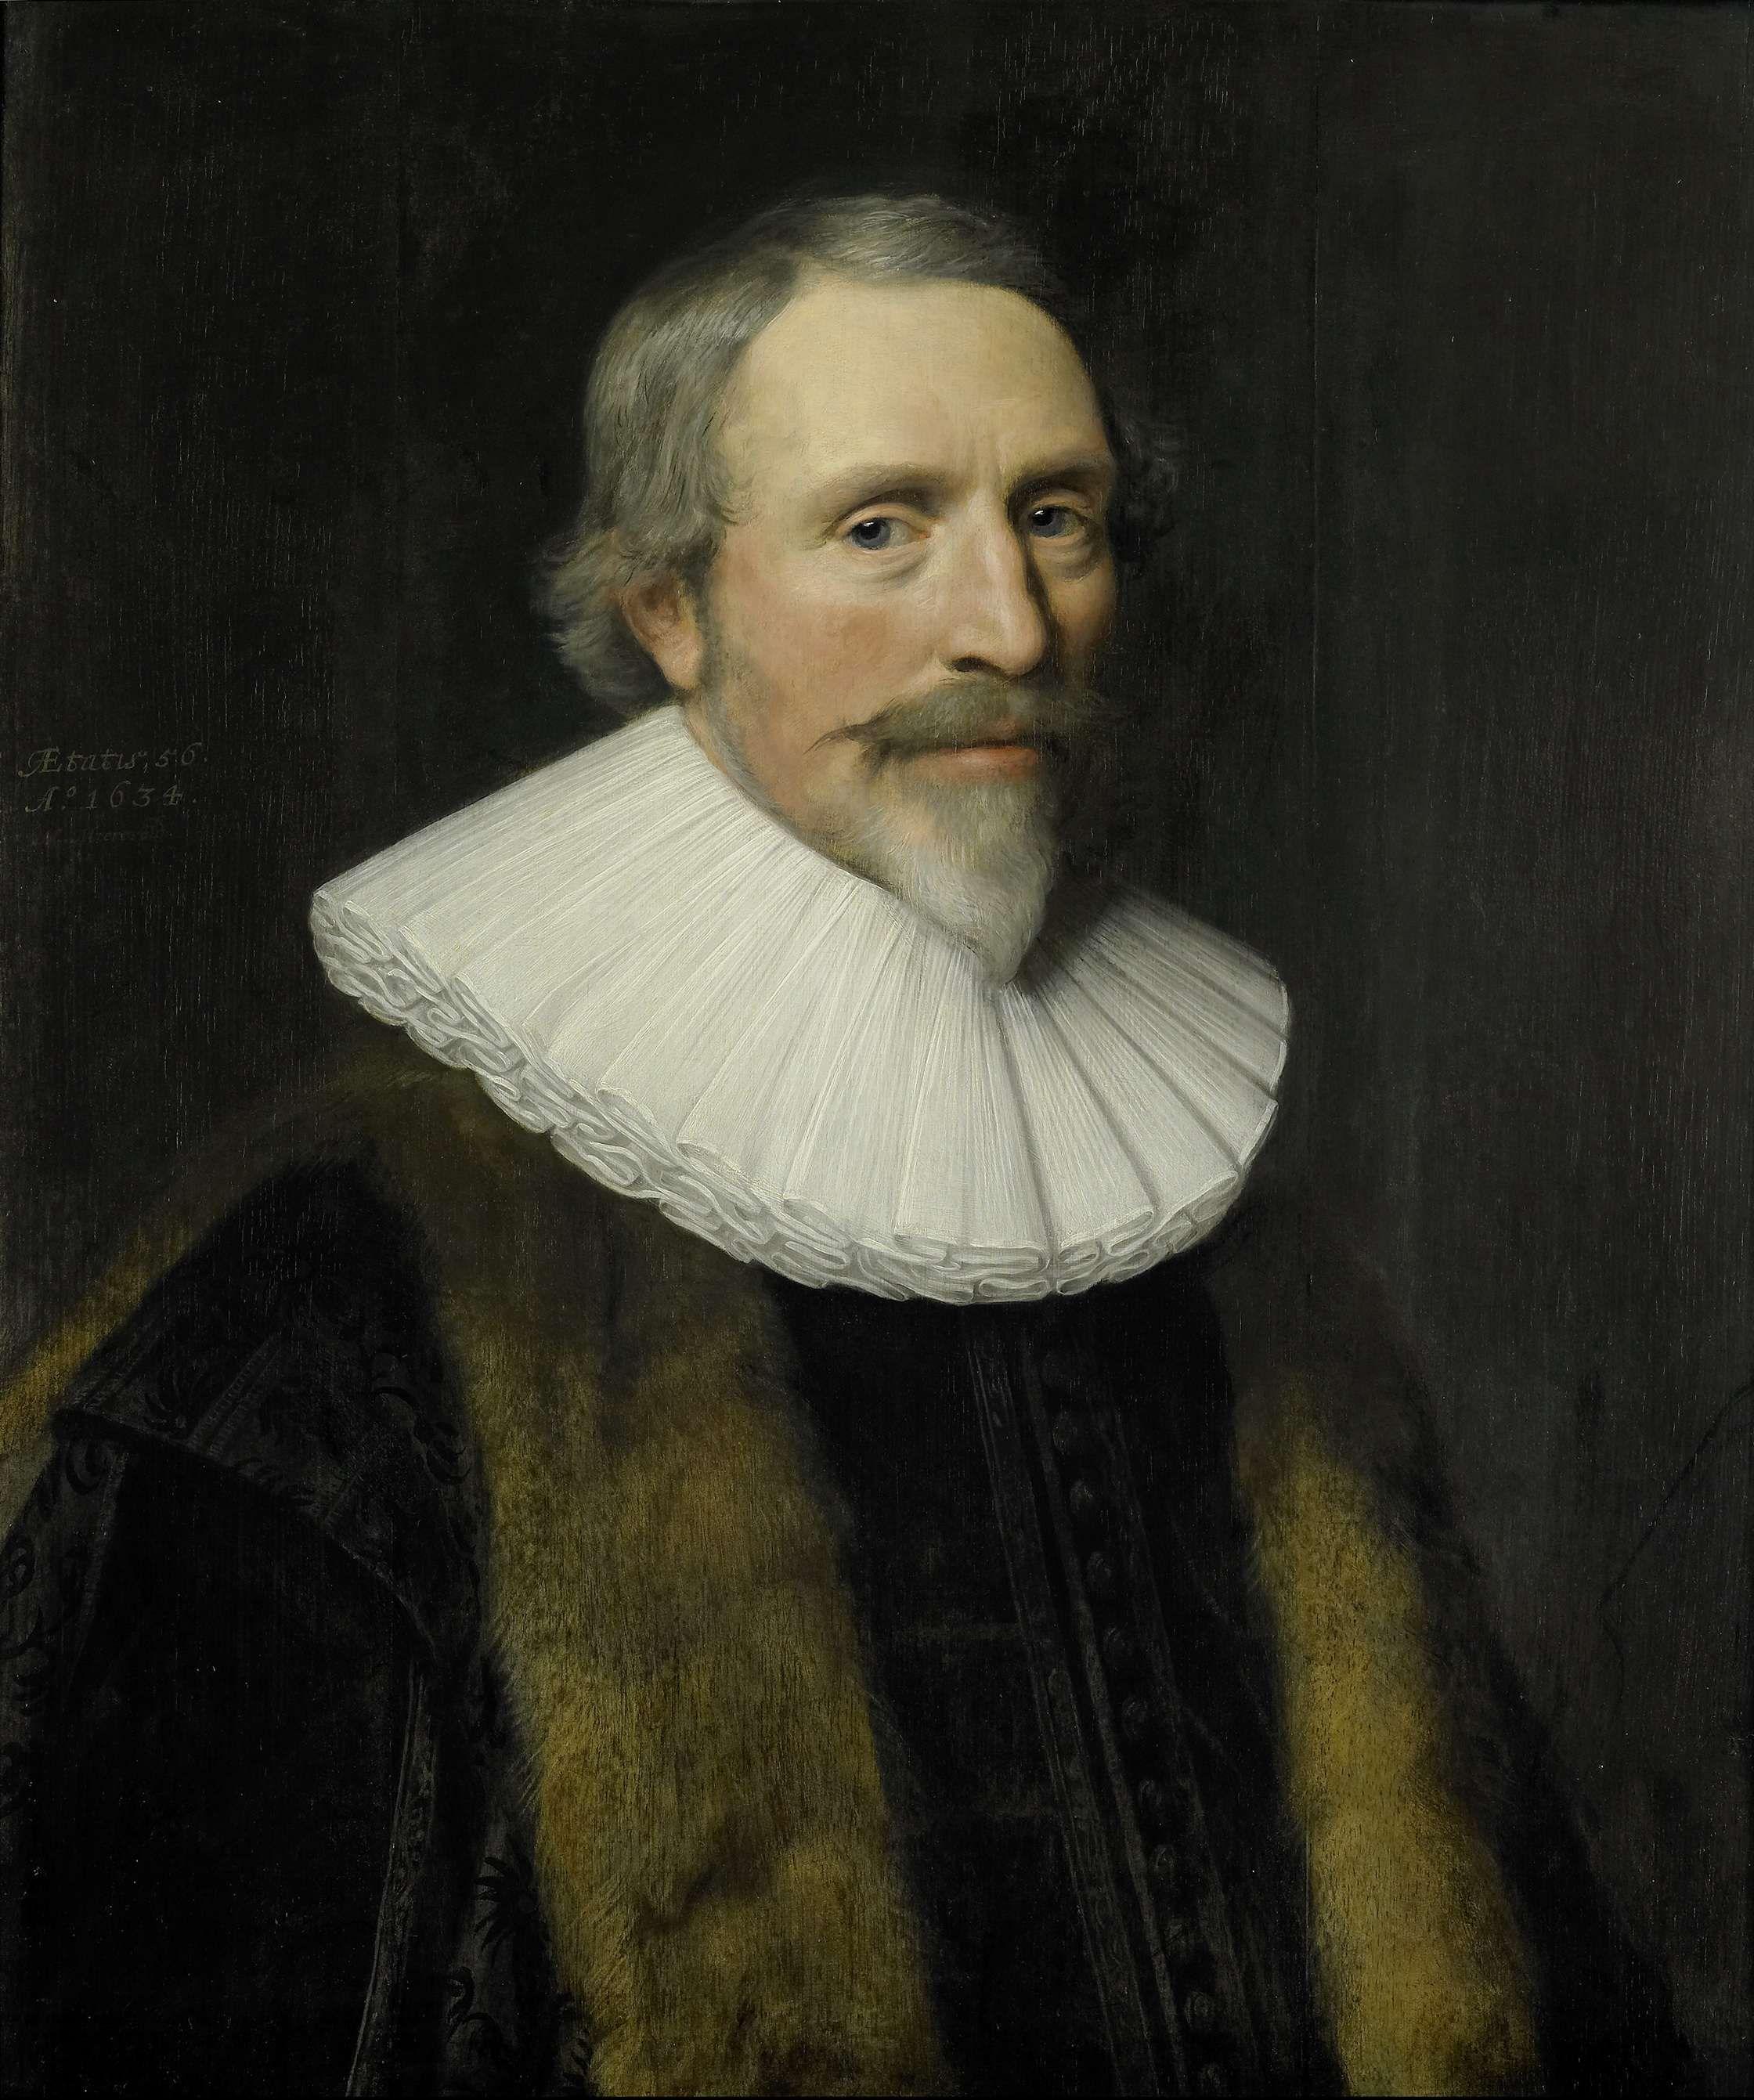 1634 - Mierevelt, Michiel van - Portret van Jacob Cats (1577-1660)  pensionaris van Dordrecht en dichter - oil on panel  68x58 cm - Rijksmuseum, Amsterdam